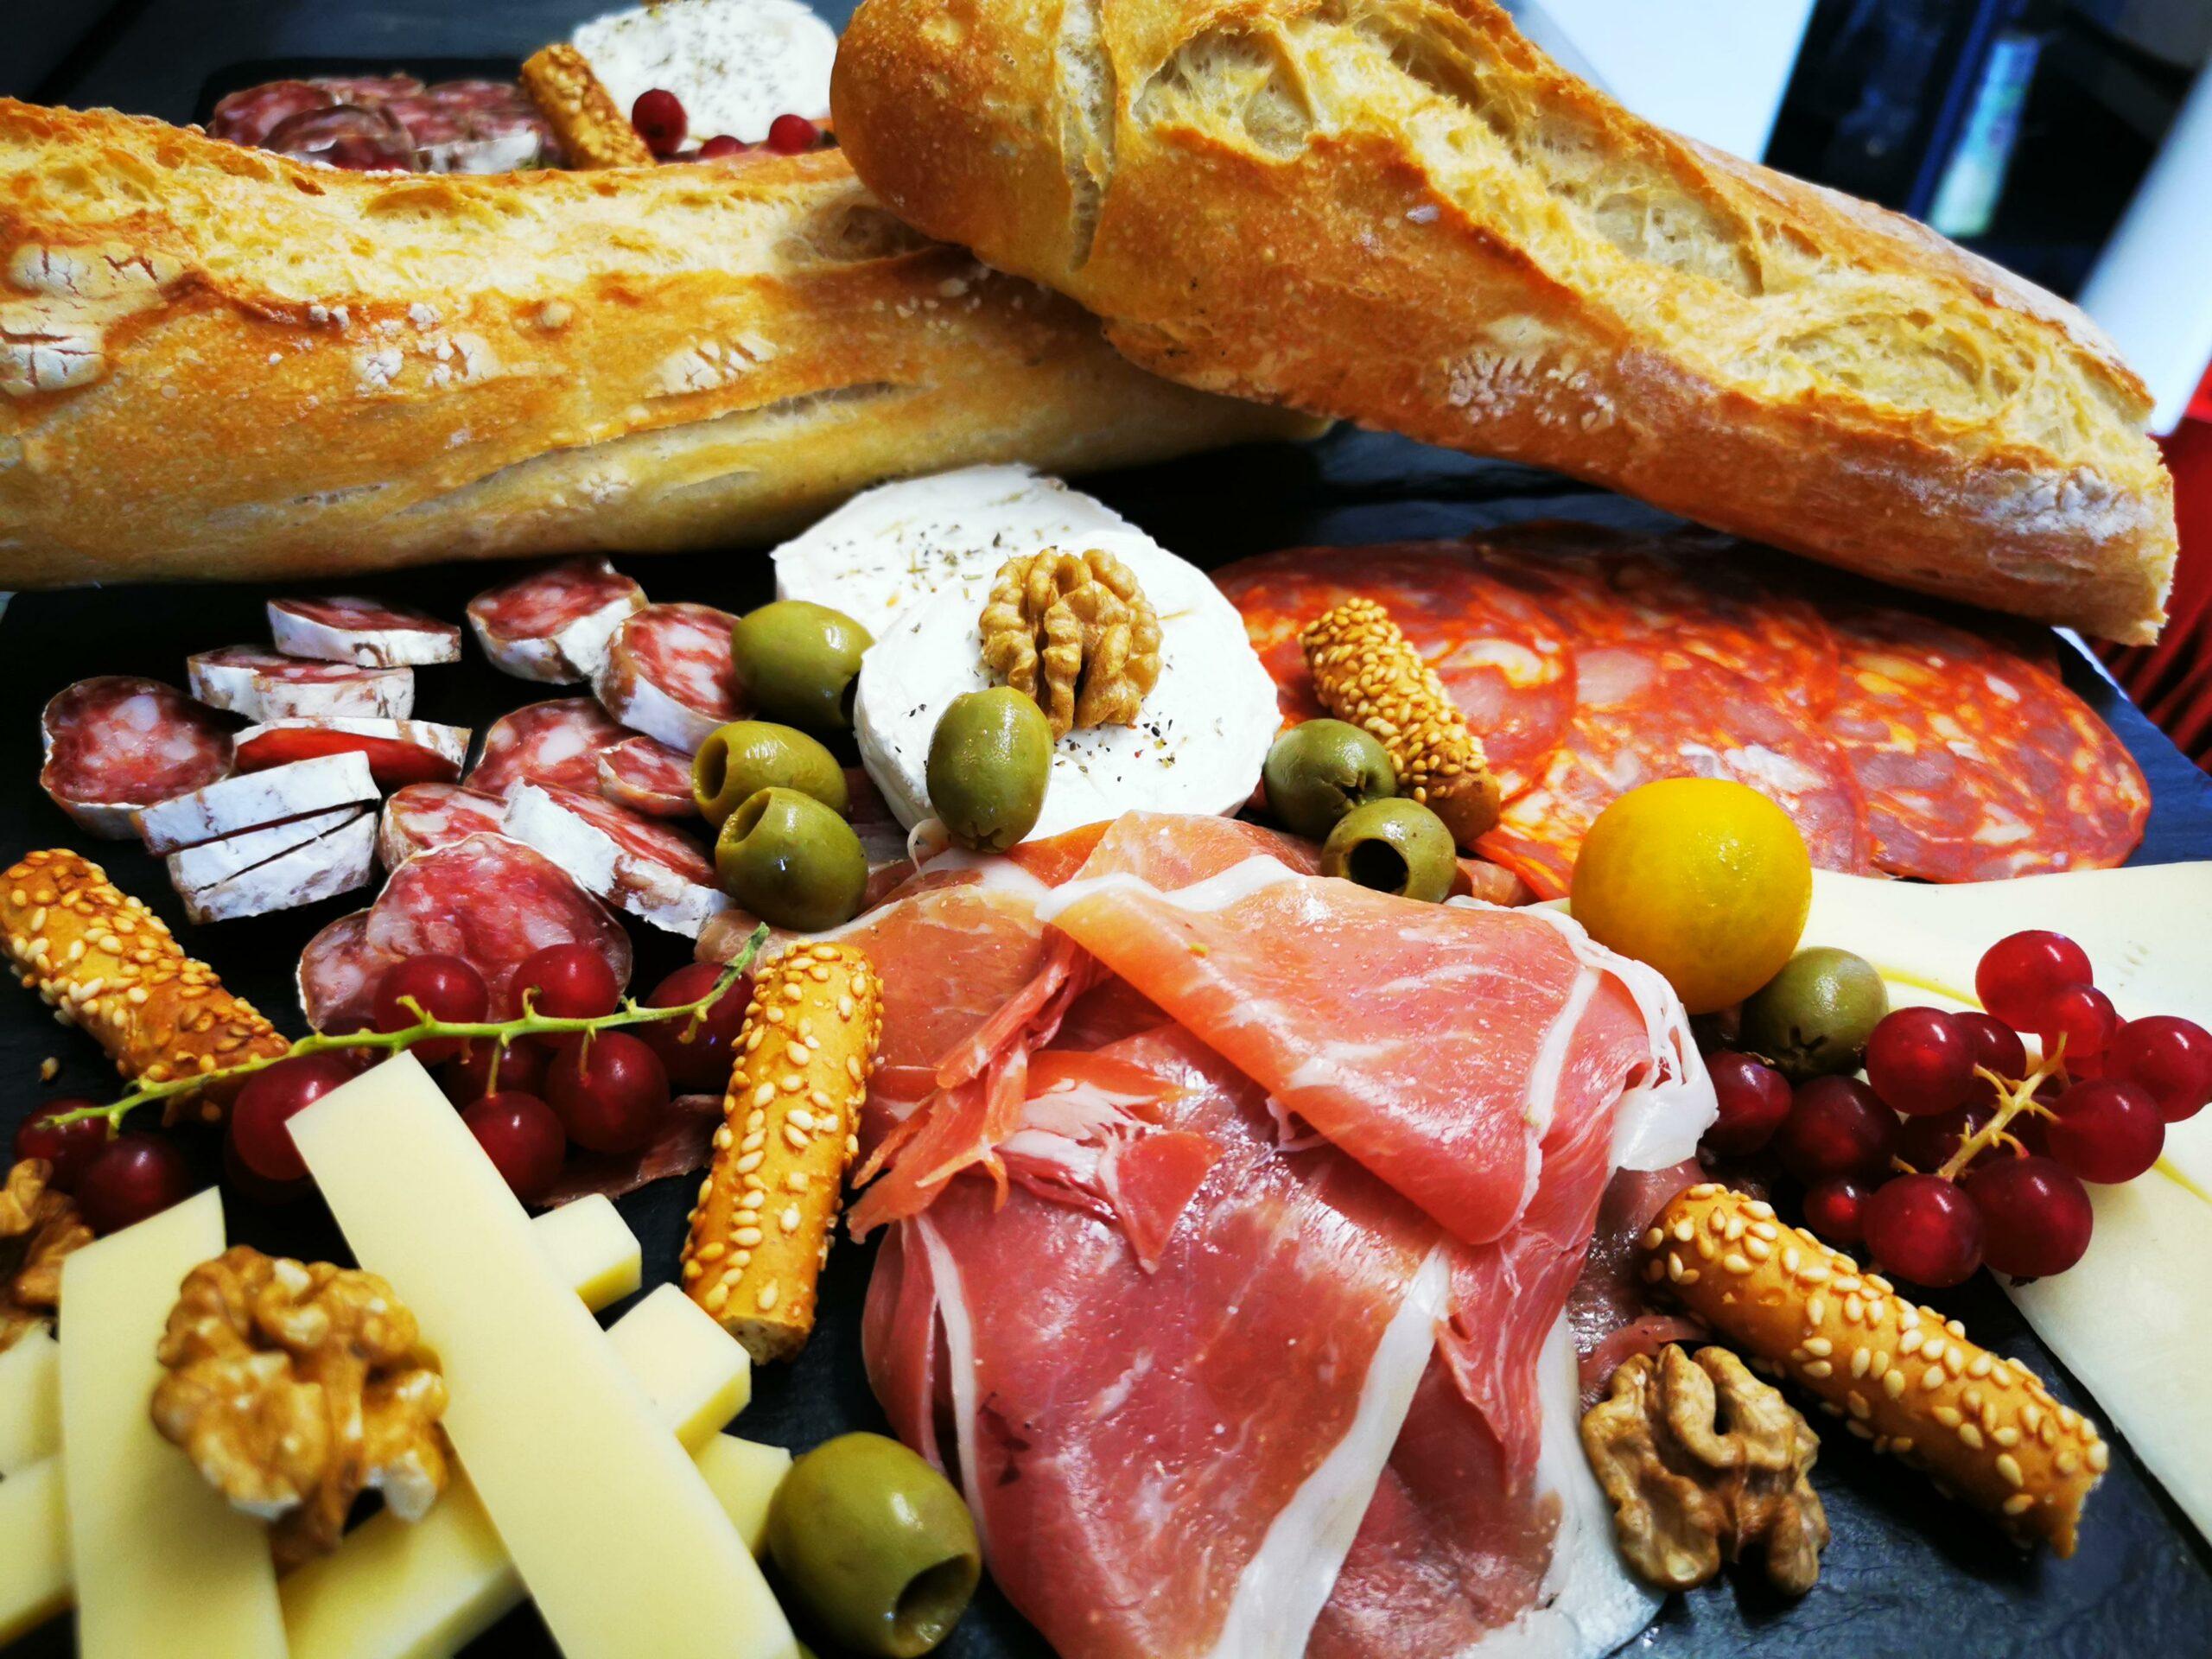 Planche charcuterie et fromage - Restaurant Sud ouest